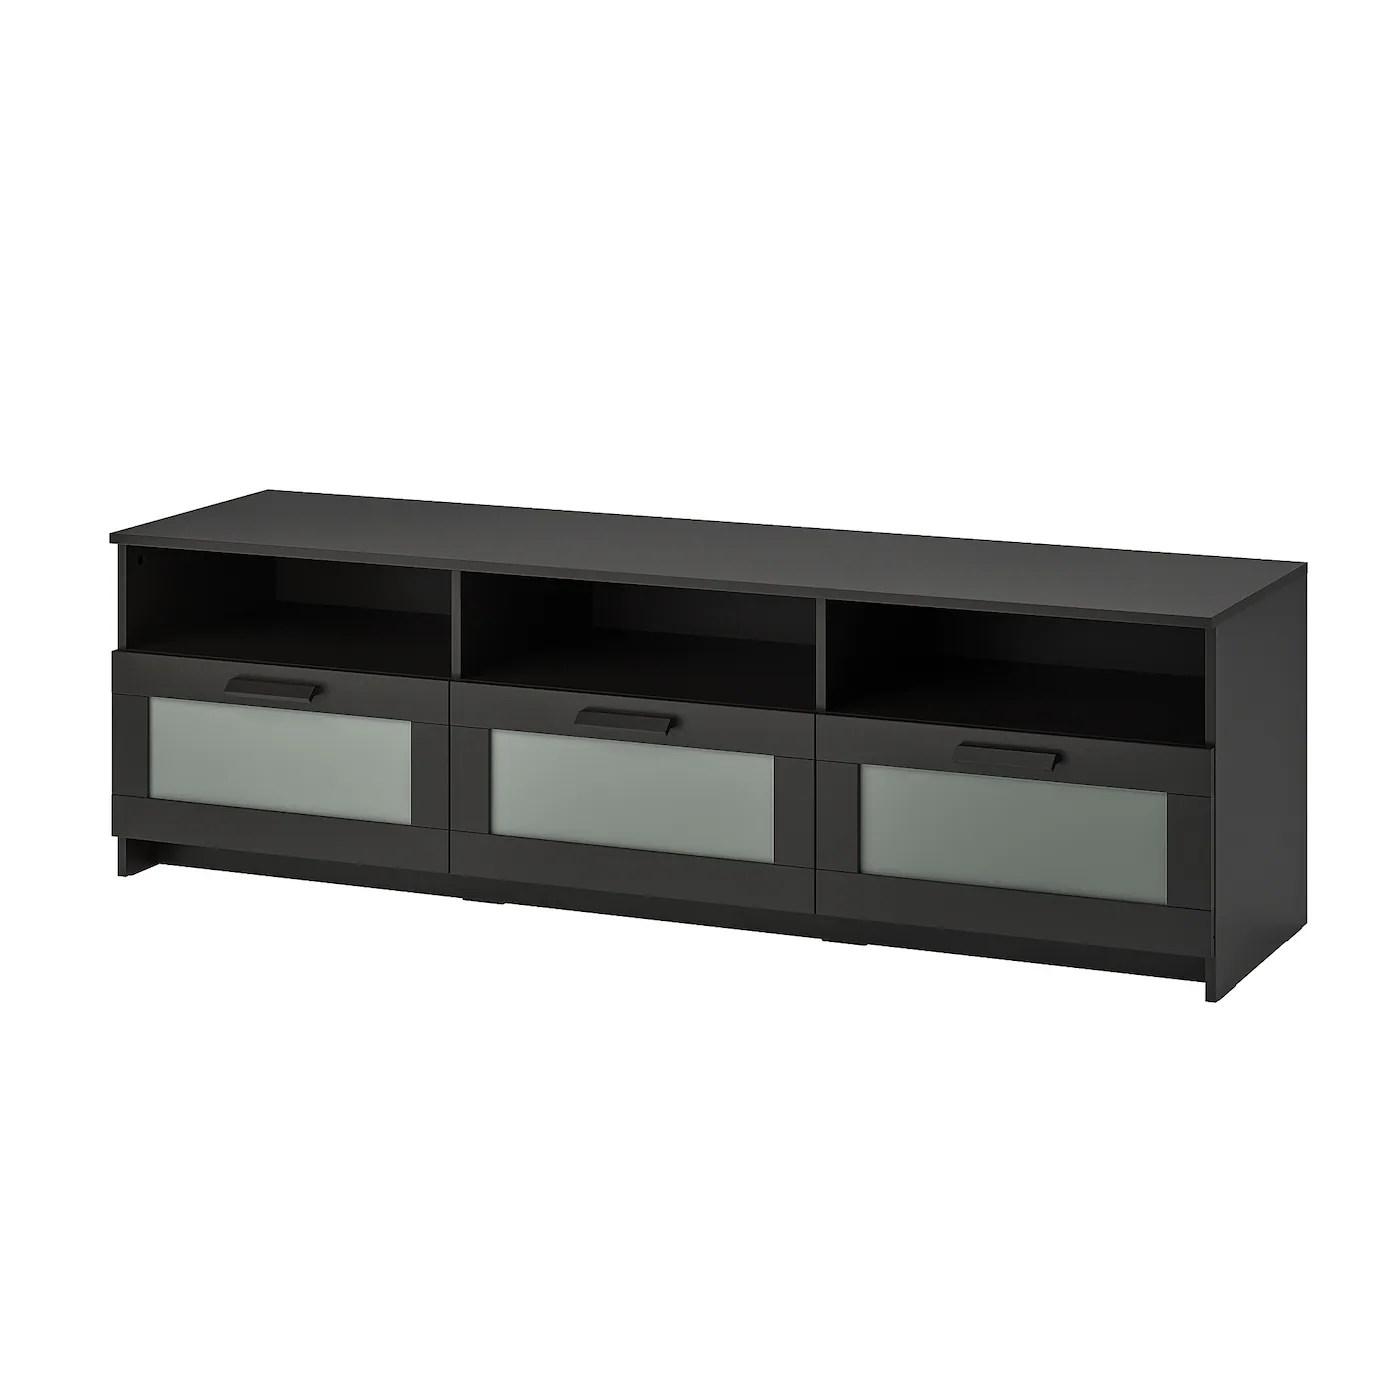 Brimnes Meuble Tele Noir 180x41x53cm Ikea Canada Ikea